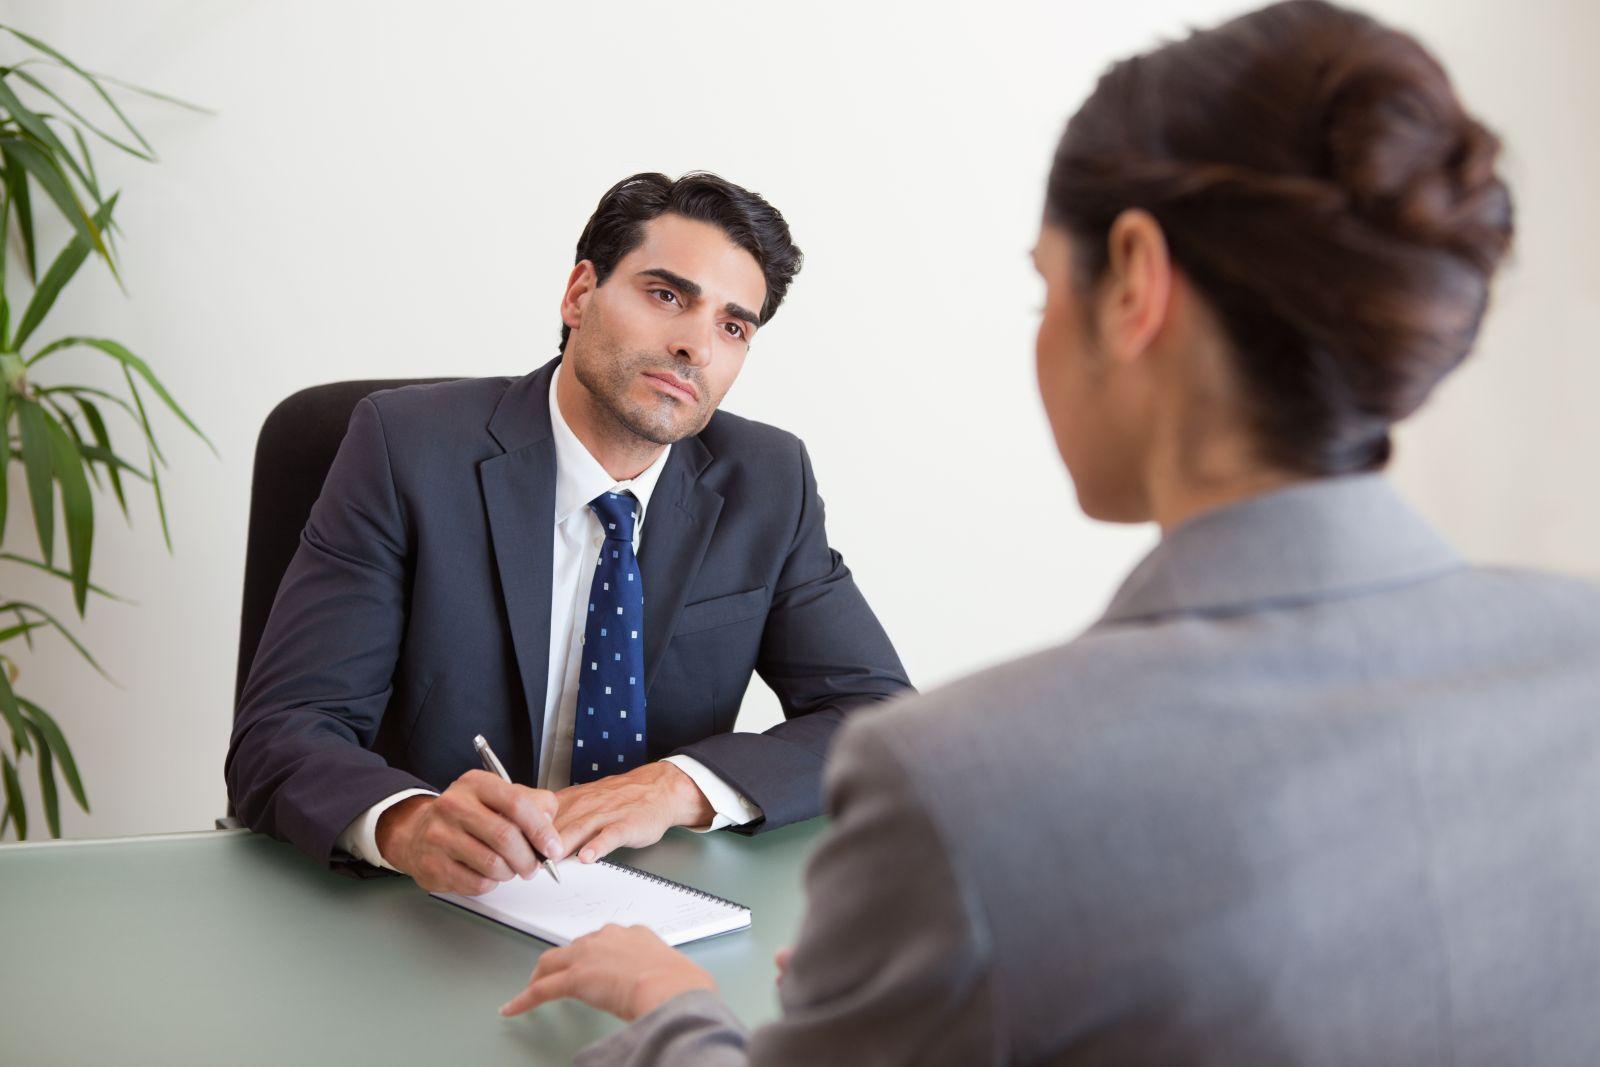 Dấu hiệu cho cuộc phỏng vấn xin việc thất bại